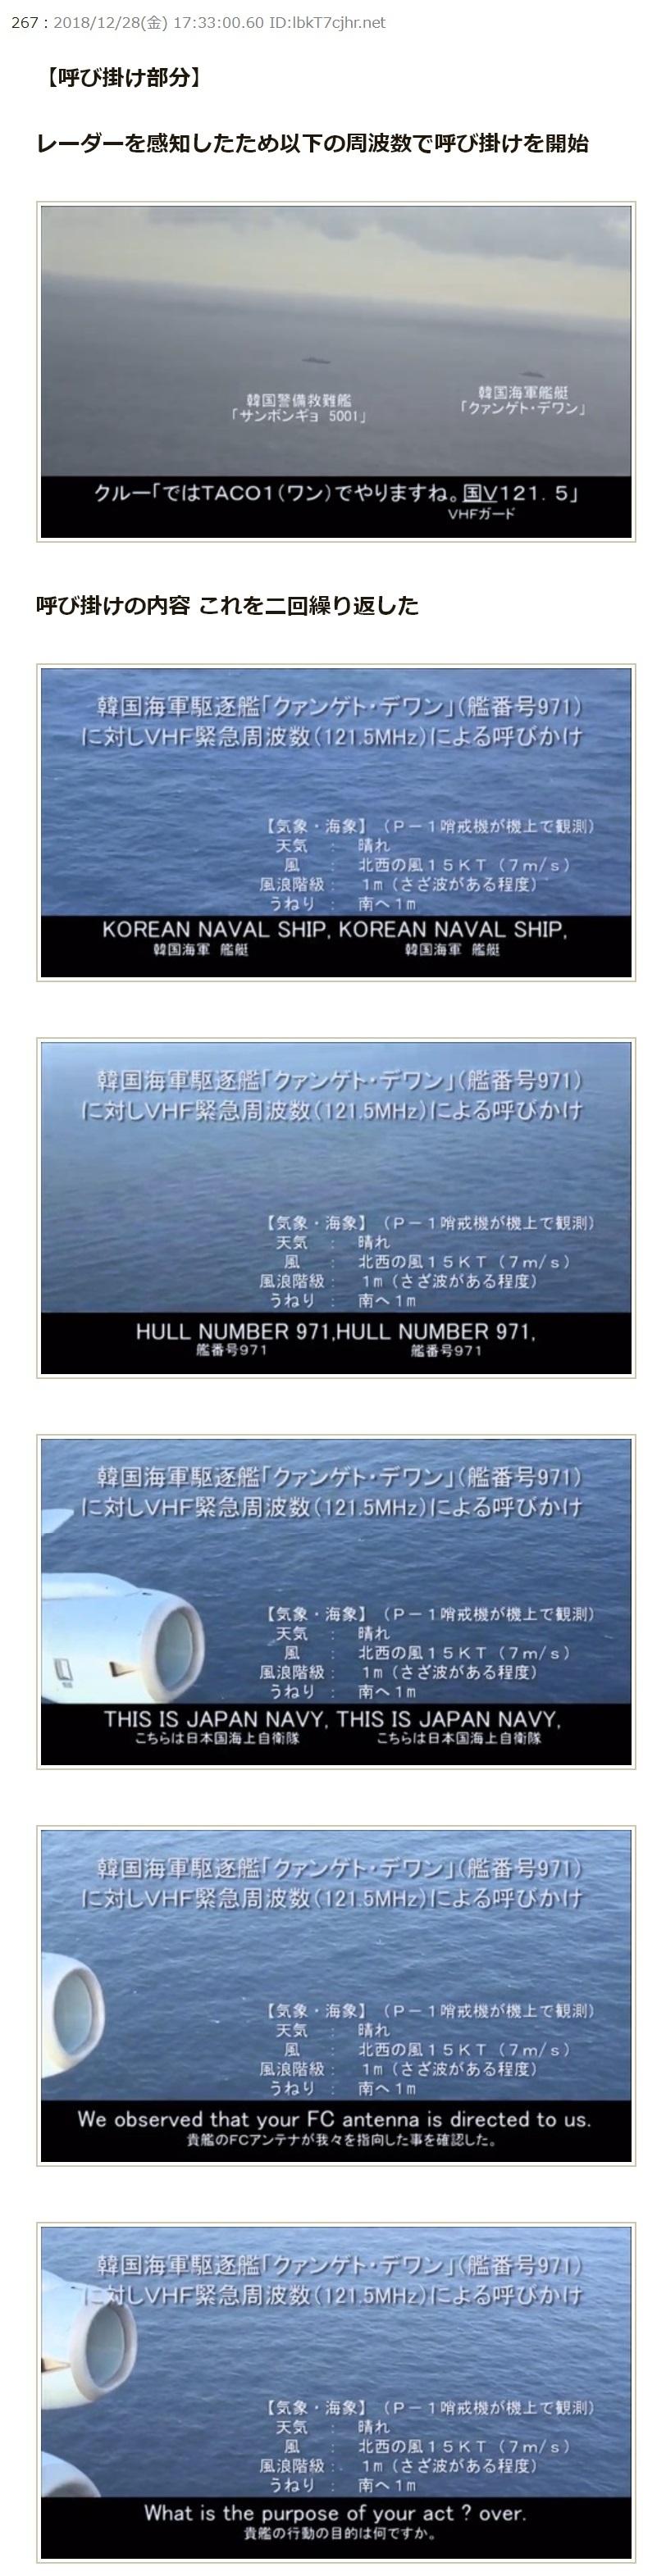 日本へ敵対行為をとったチョン3